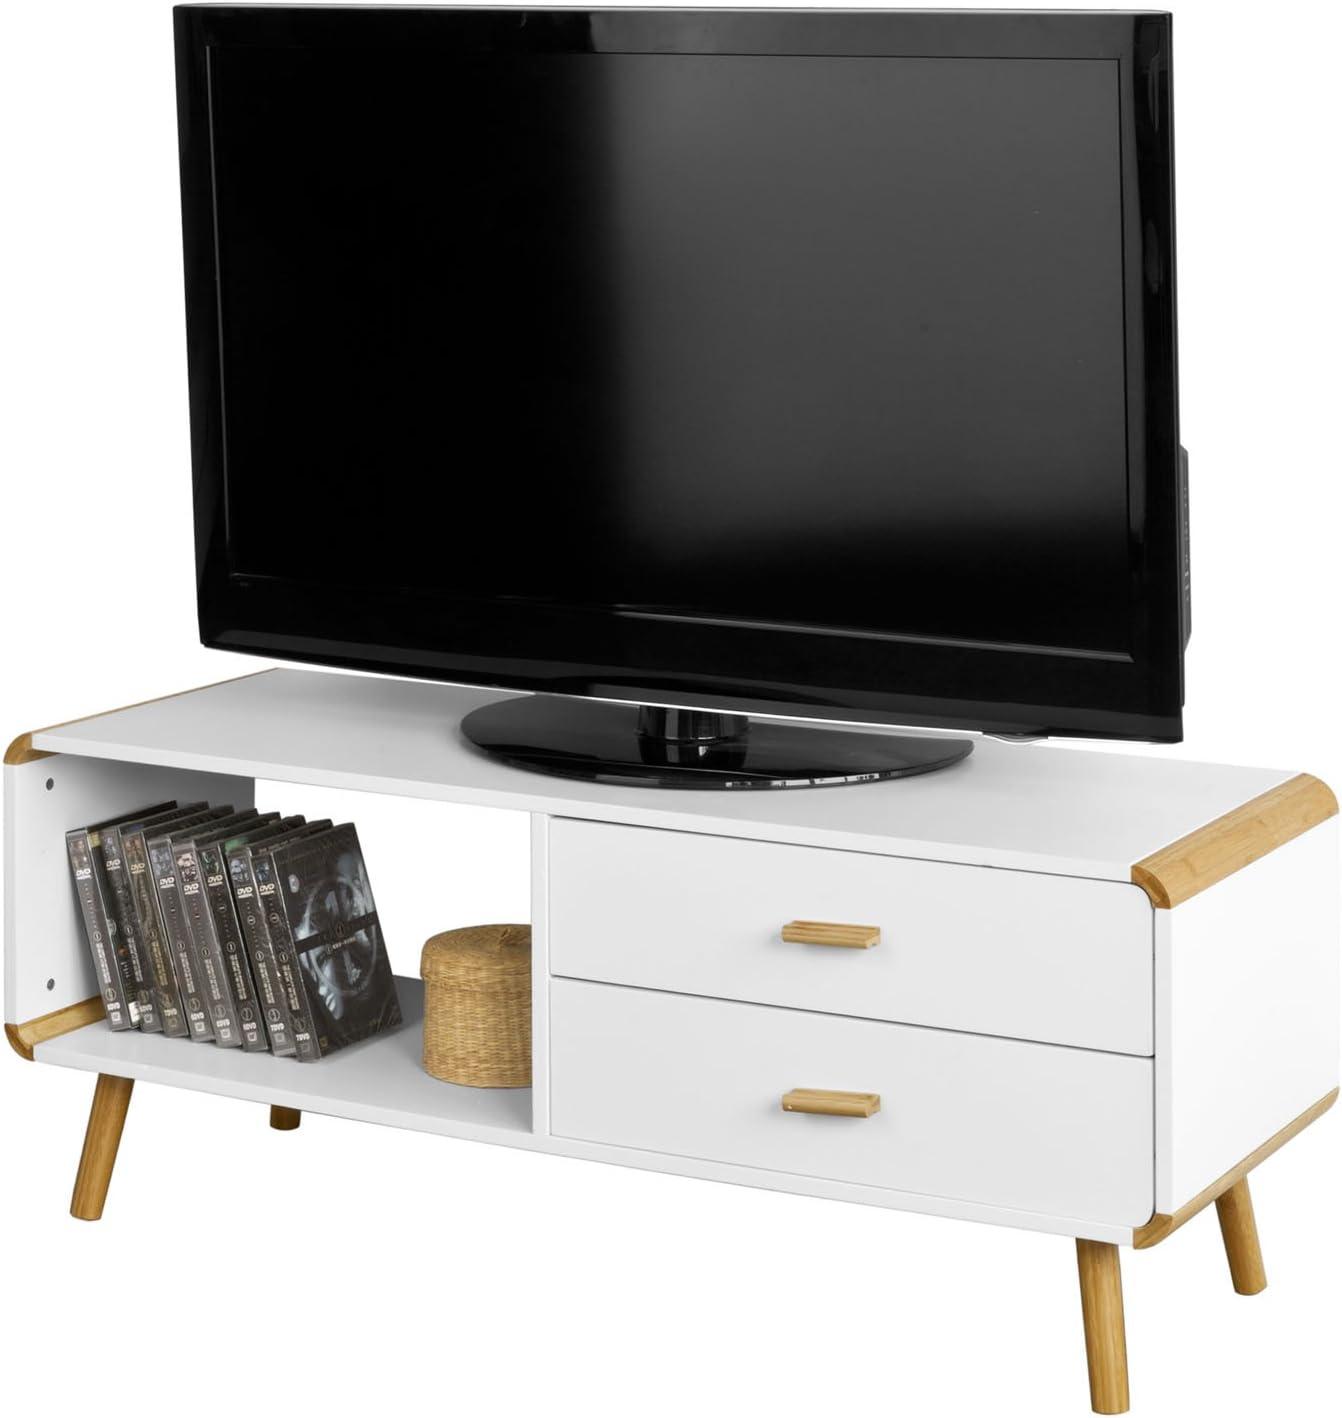 SoBuy Promoción -50% frg148-wn Mueble Banco TV bajo cómoda Armario de almacenaje (L120 cm: Amazon.es: Hogar